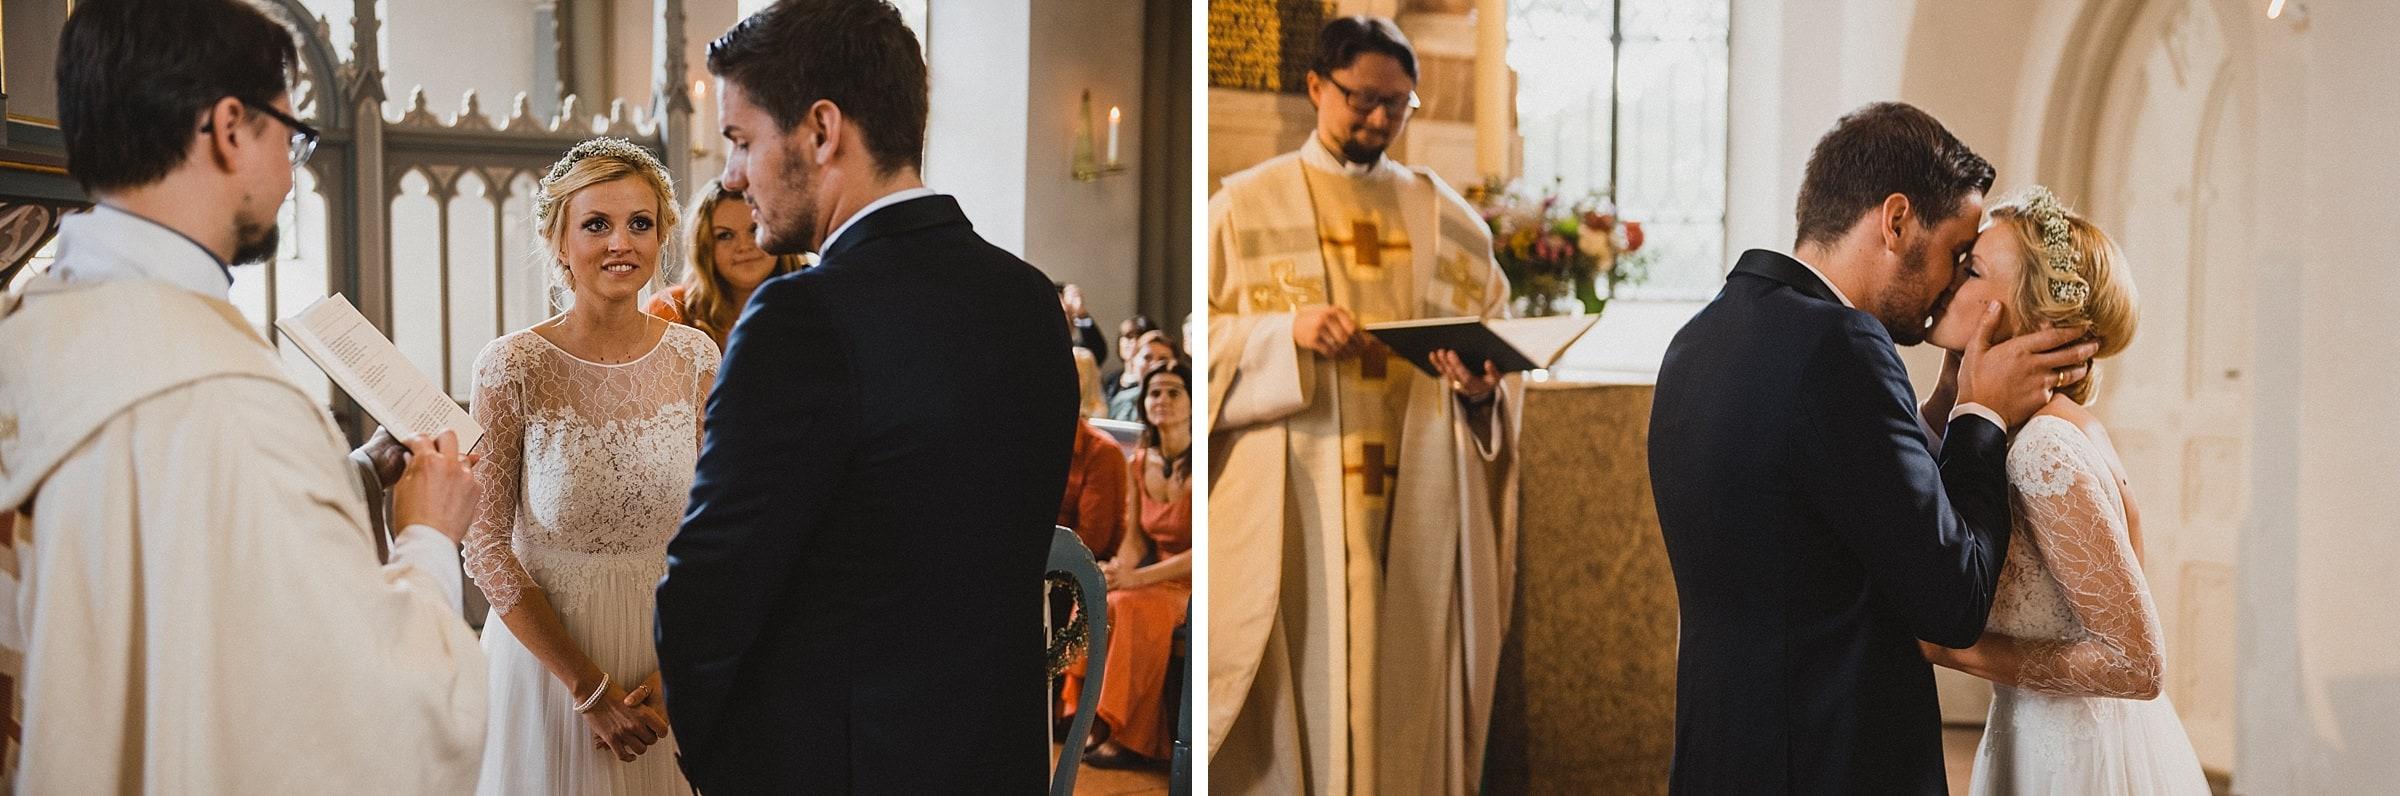 Hochzeitsfotografie Hamburg-Frau-Siemers-Gut Basthorst- Hochzeitskuss